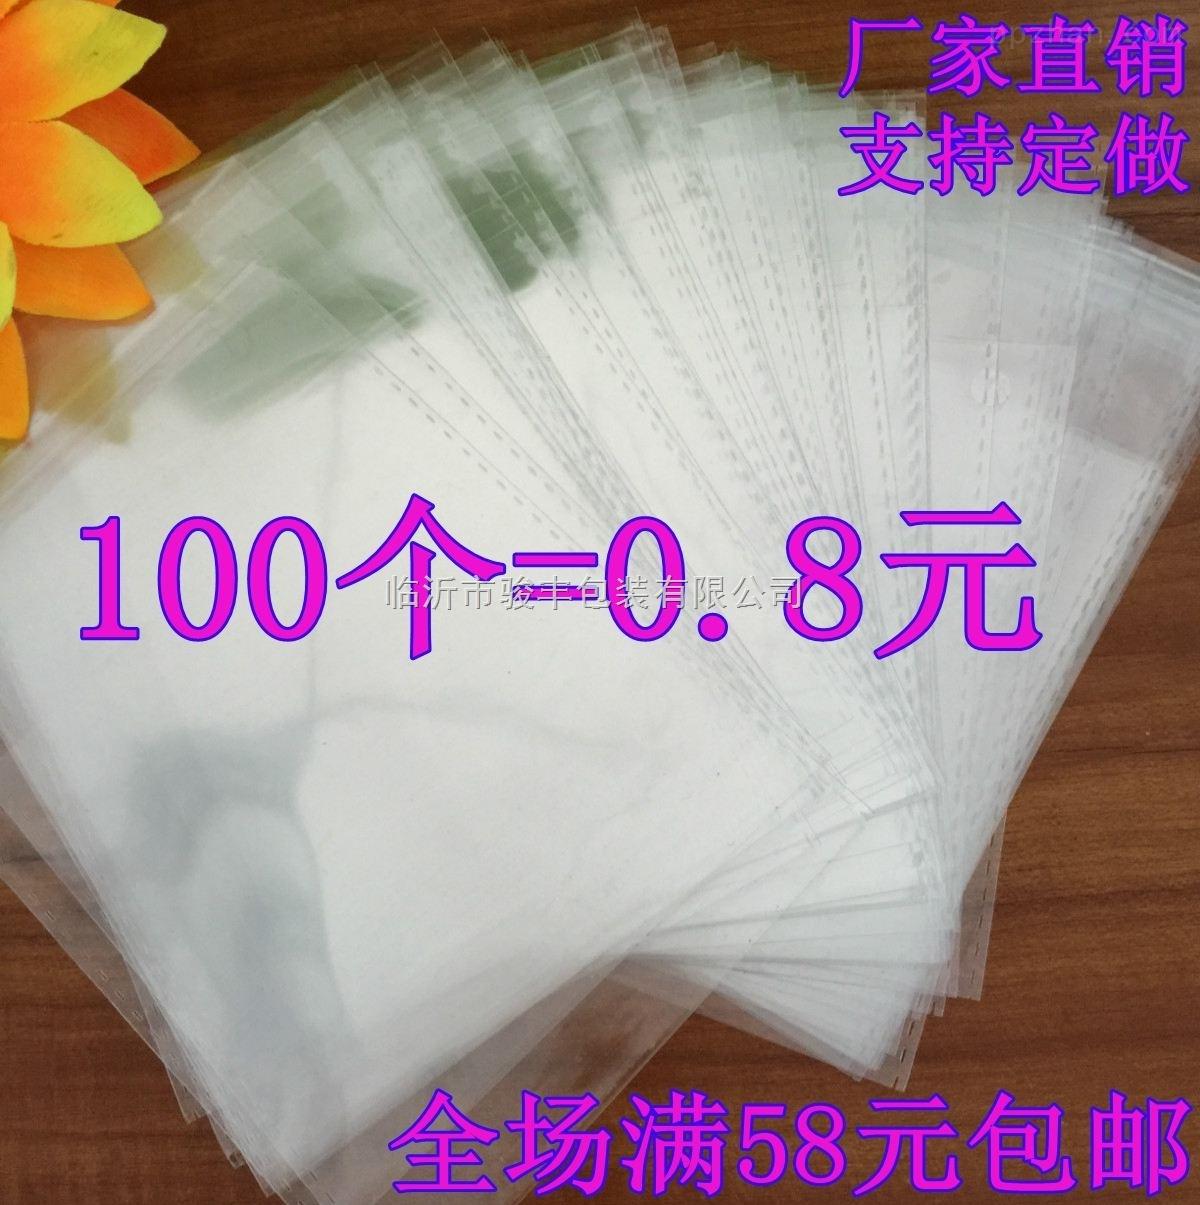 临沂不干胶服装袋子opp袋透明opp塑料袋生产厂家批发自粘袋定制